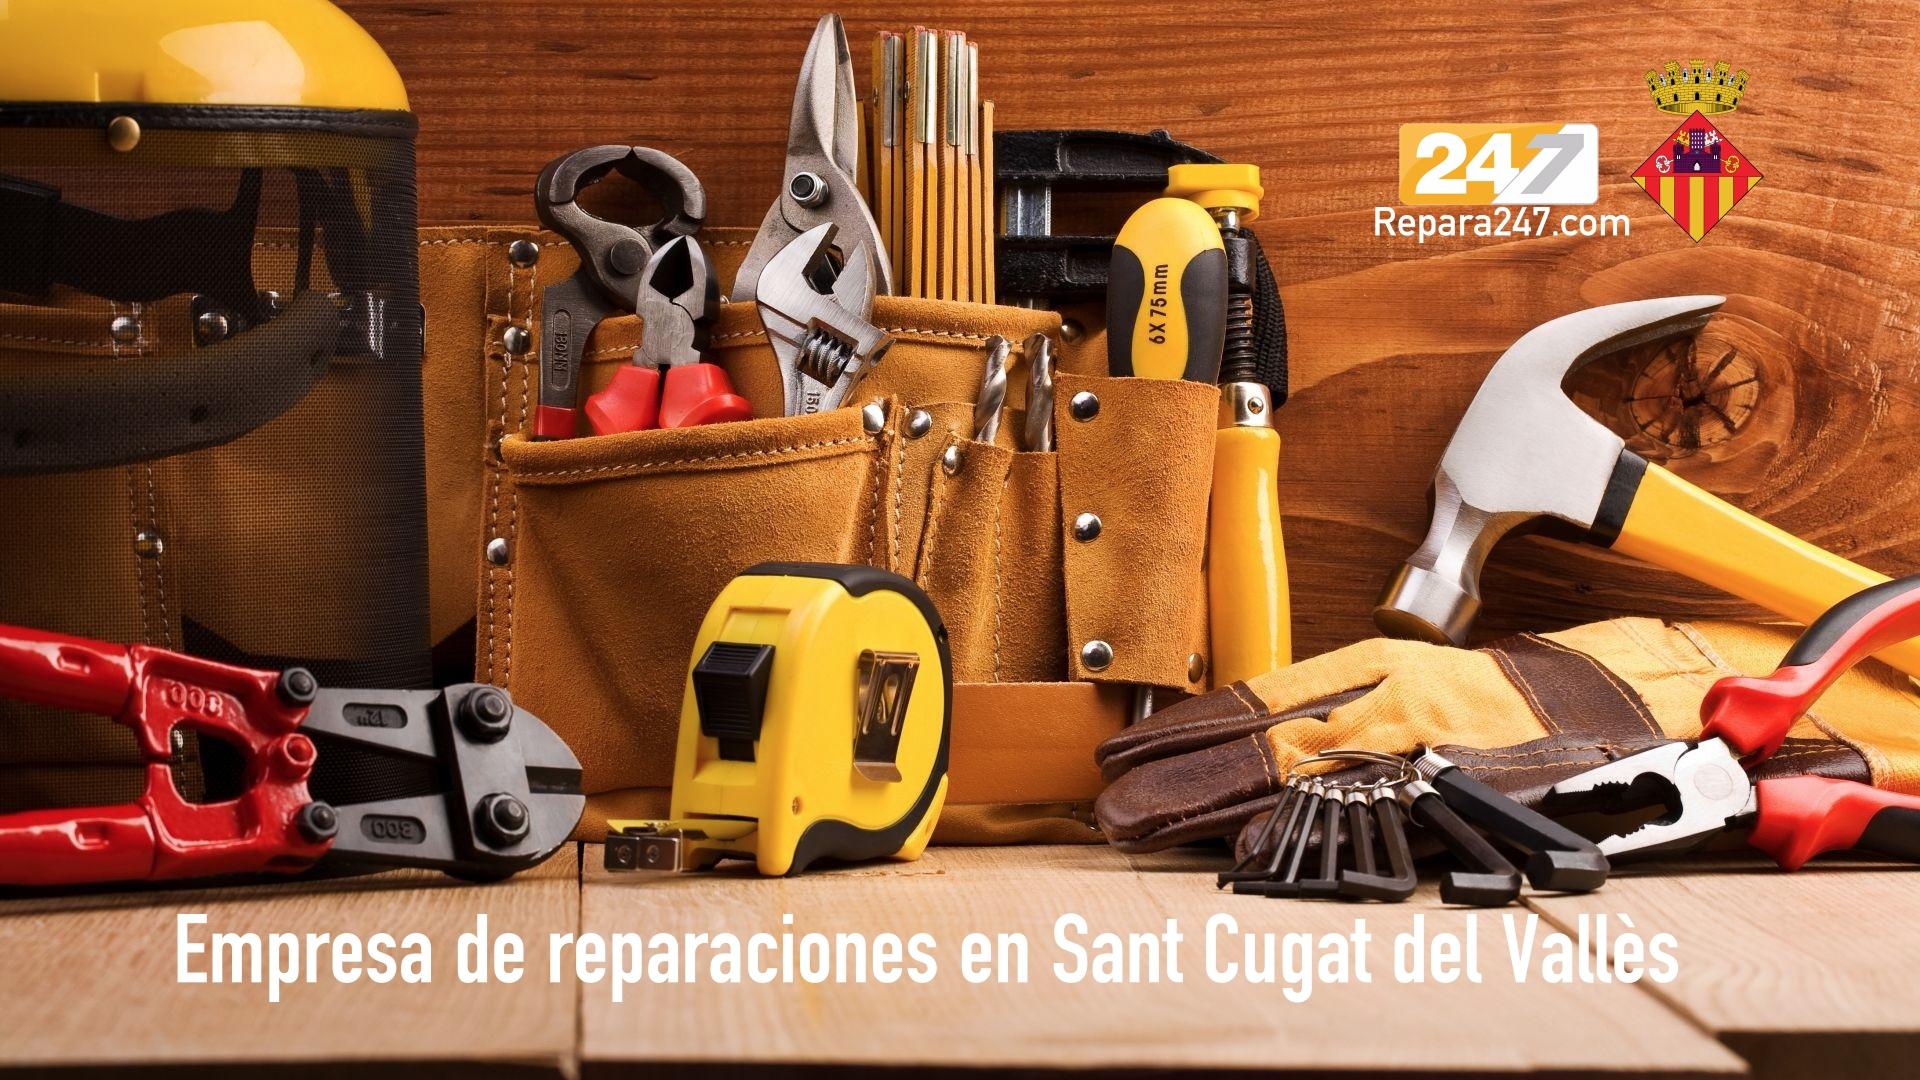 Empresa de reparaciones en Sant Cugat del Vallès